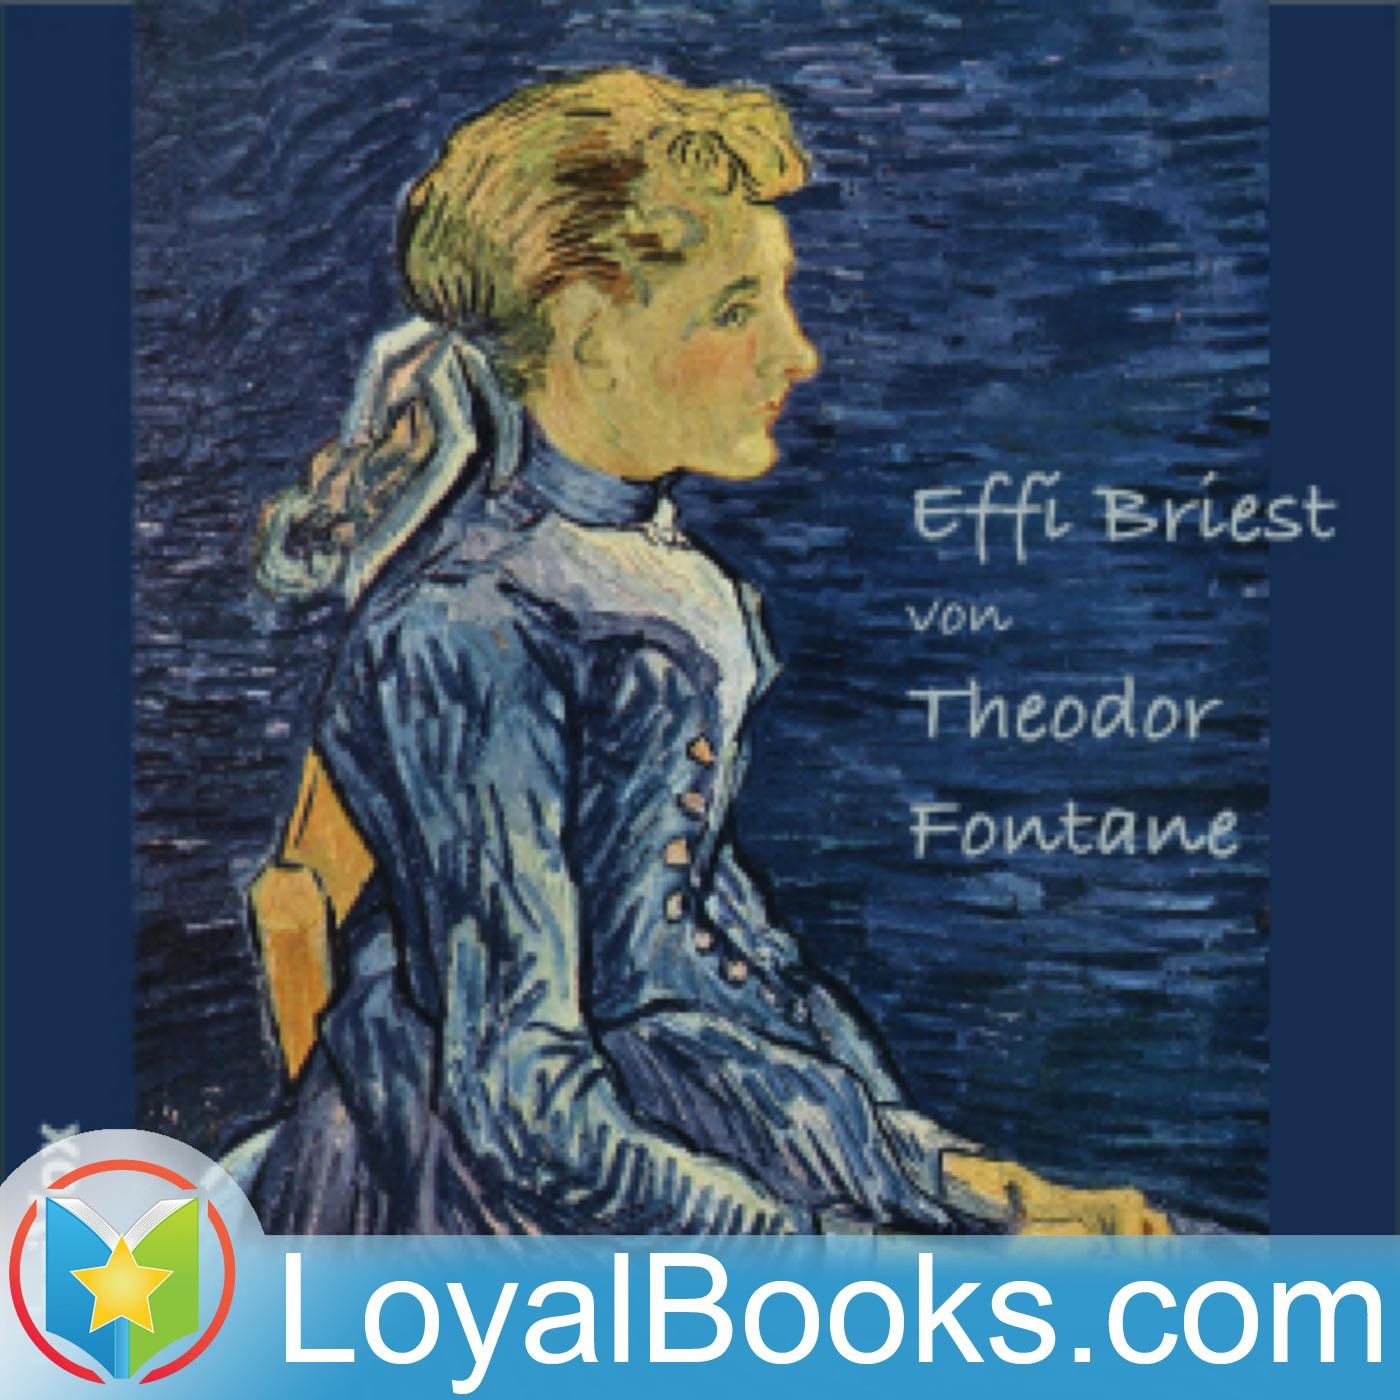 <![CDATA[Effi Briest by Theodor Fontane]]>